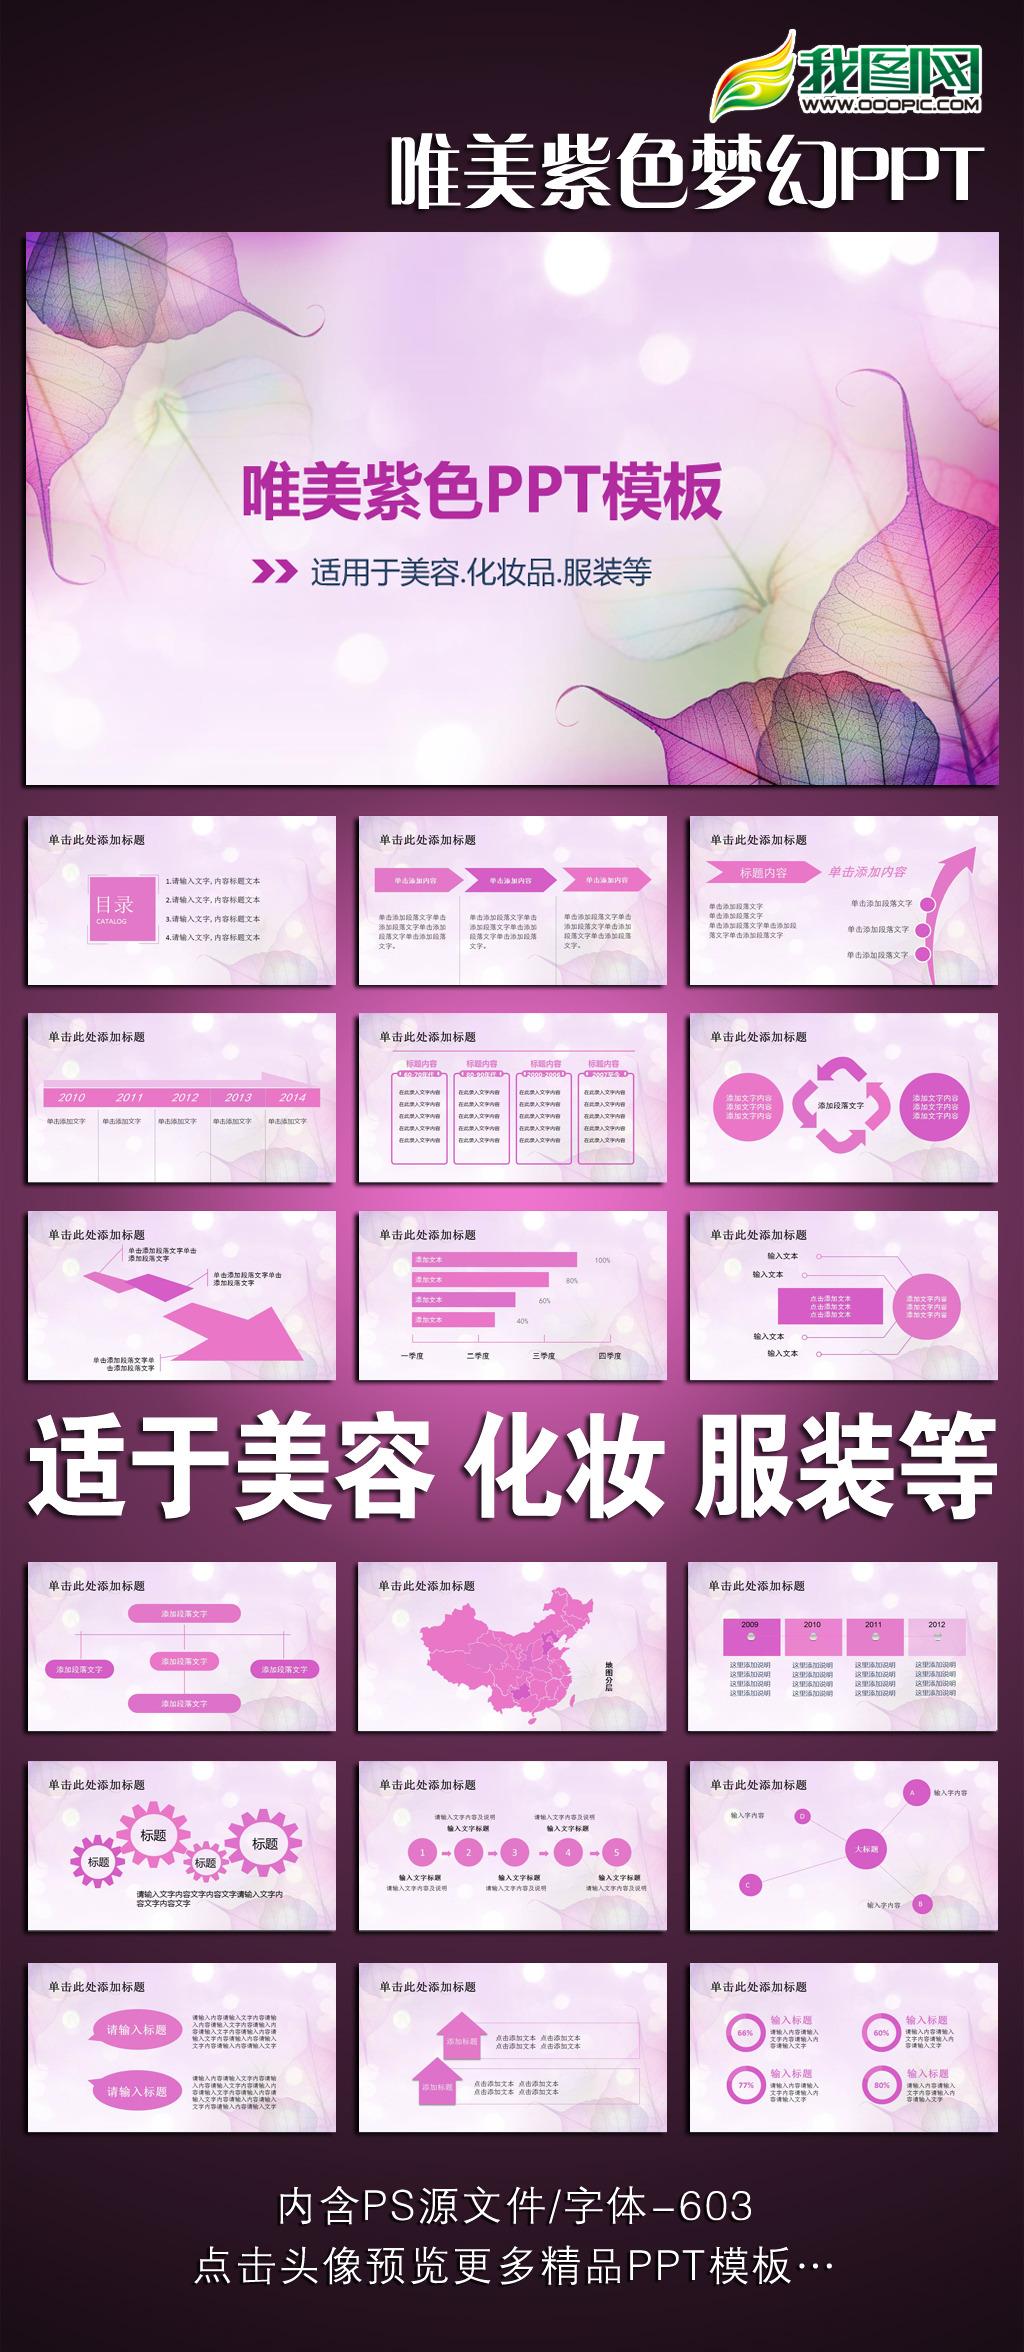 唯美紫色梦幻ppt动态模板图片下载 紫色ppt美容化妆化妆品美容美容院